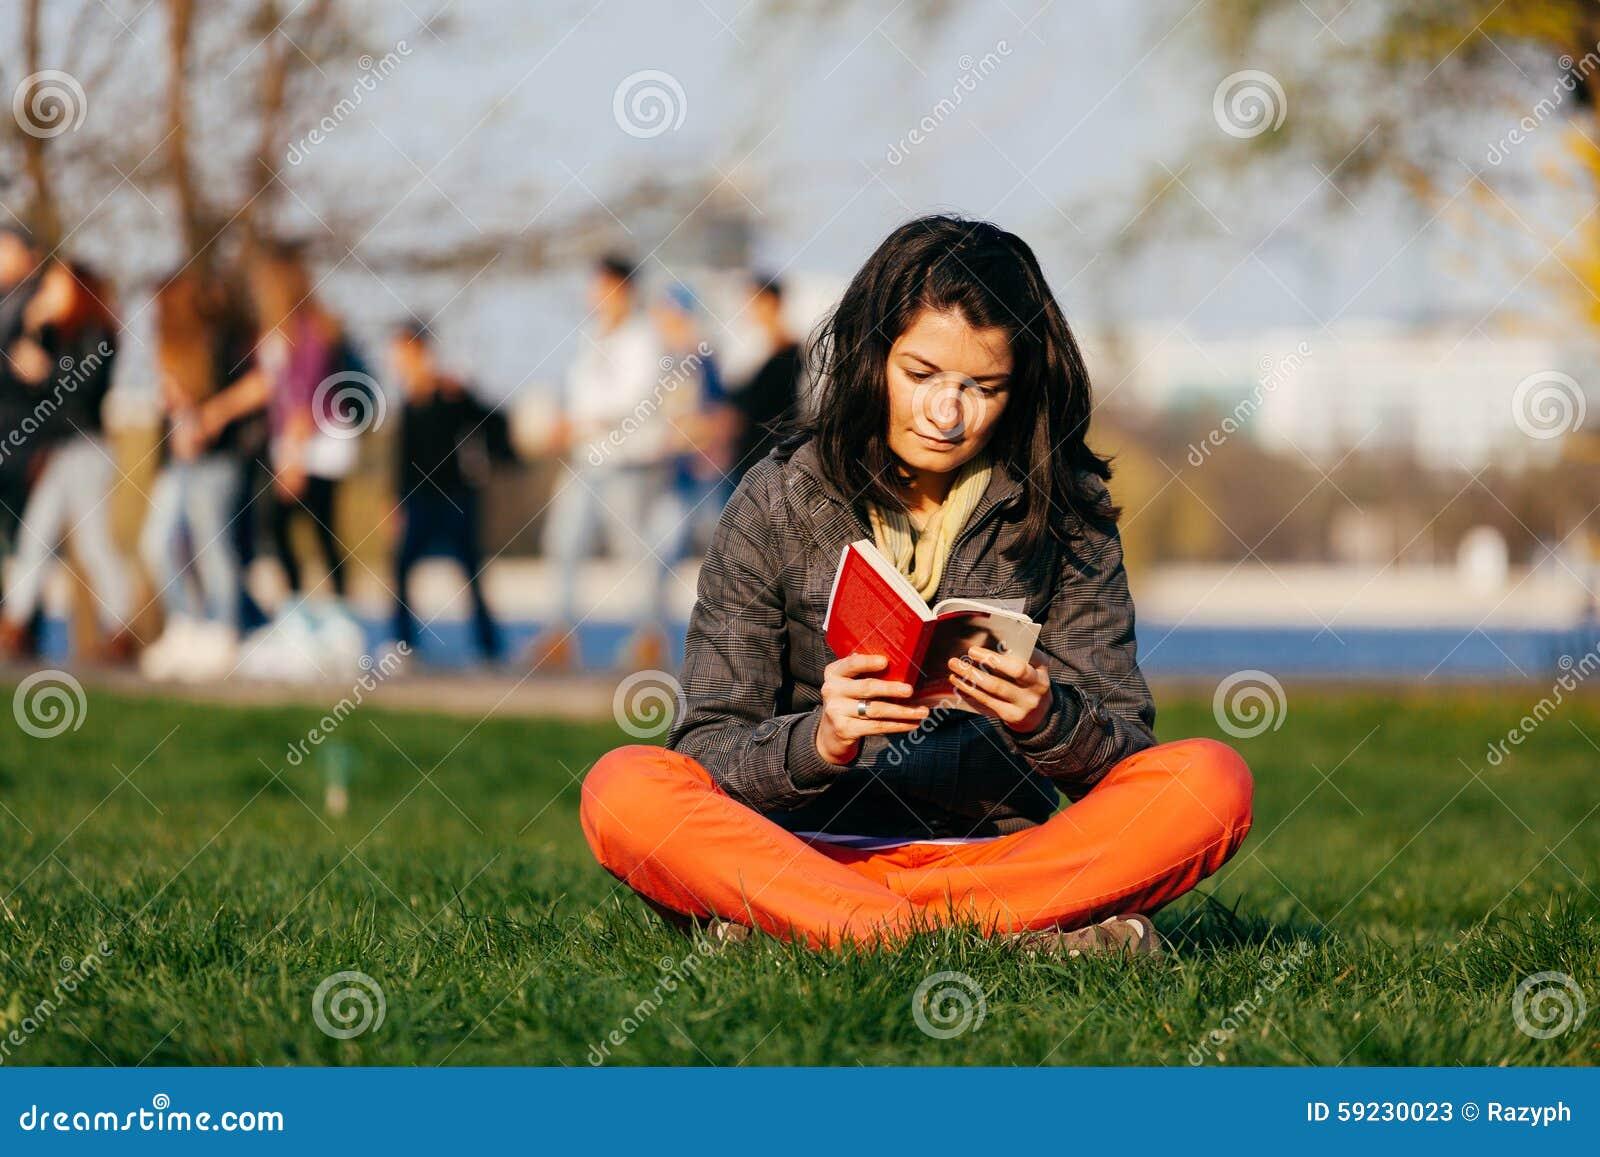 Download Lectura en el parque imagen de archivo. Imagen de callejón - 59230023